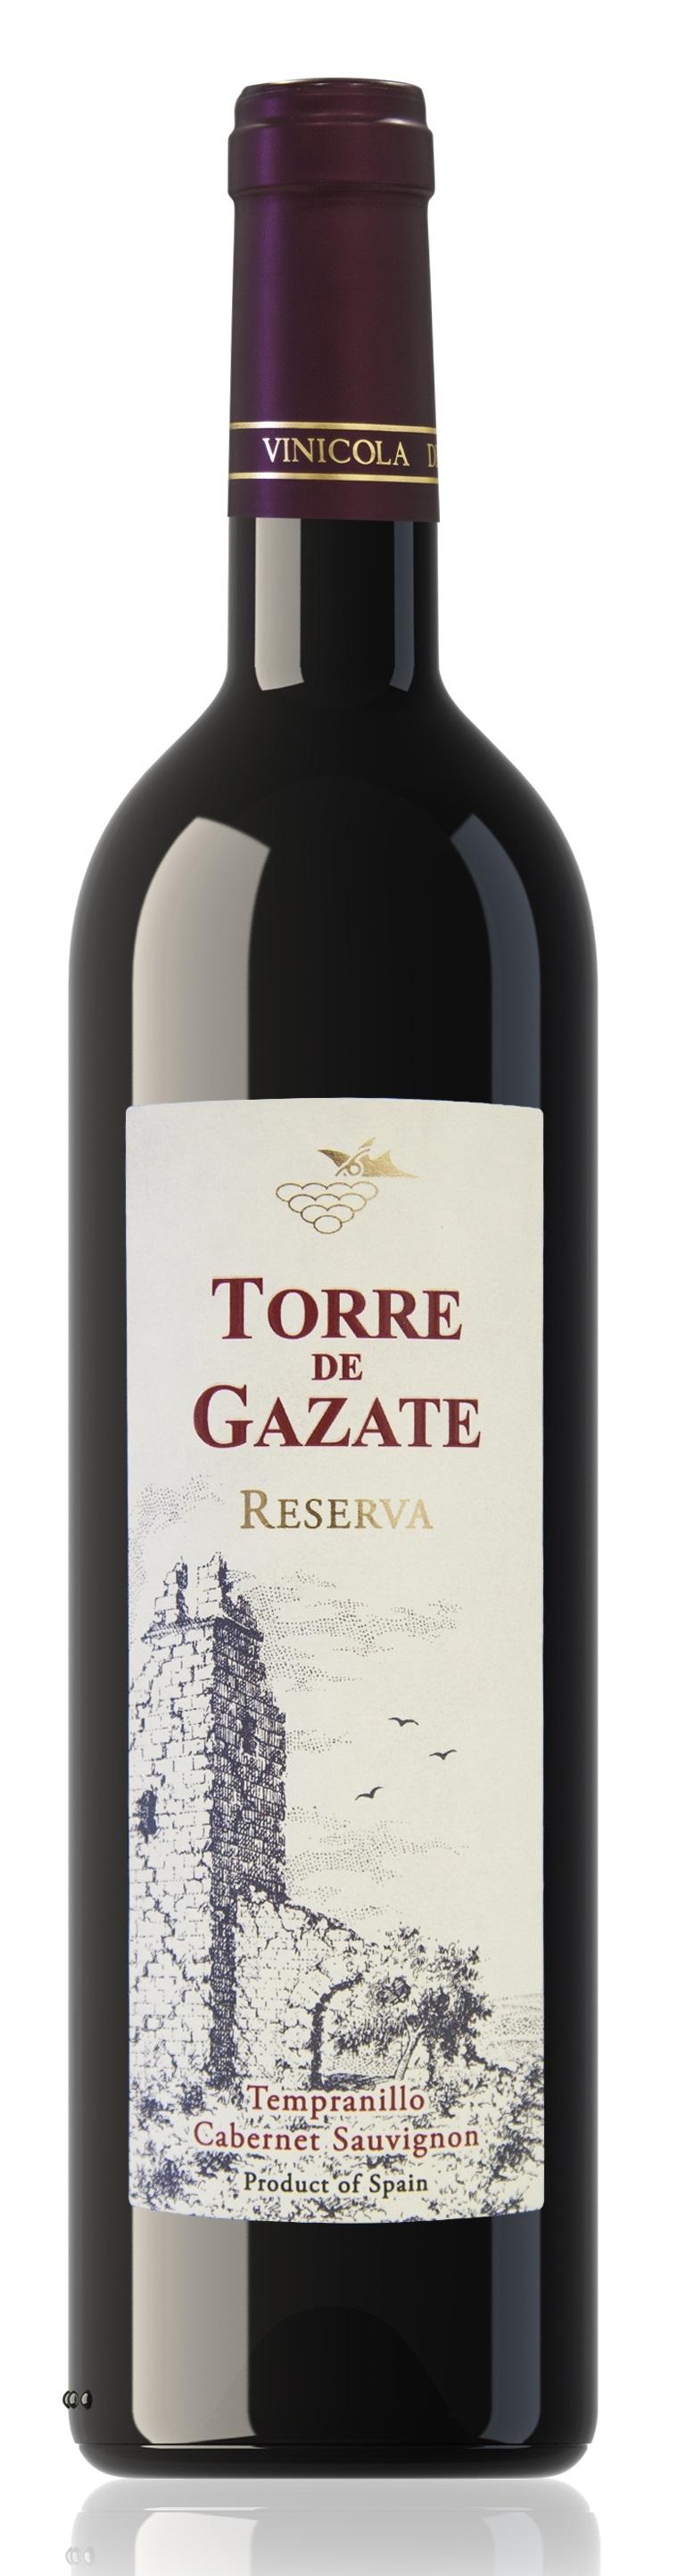 TorreGazateReserva